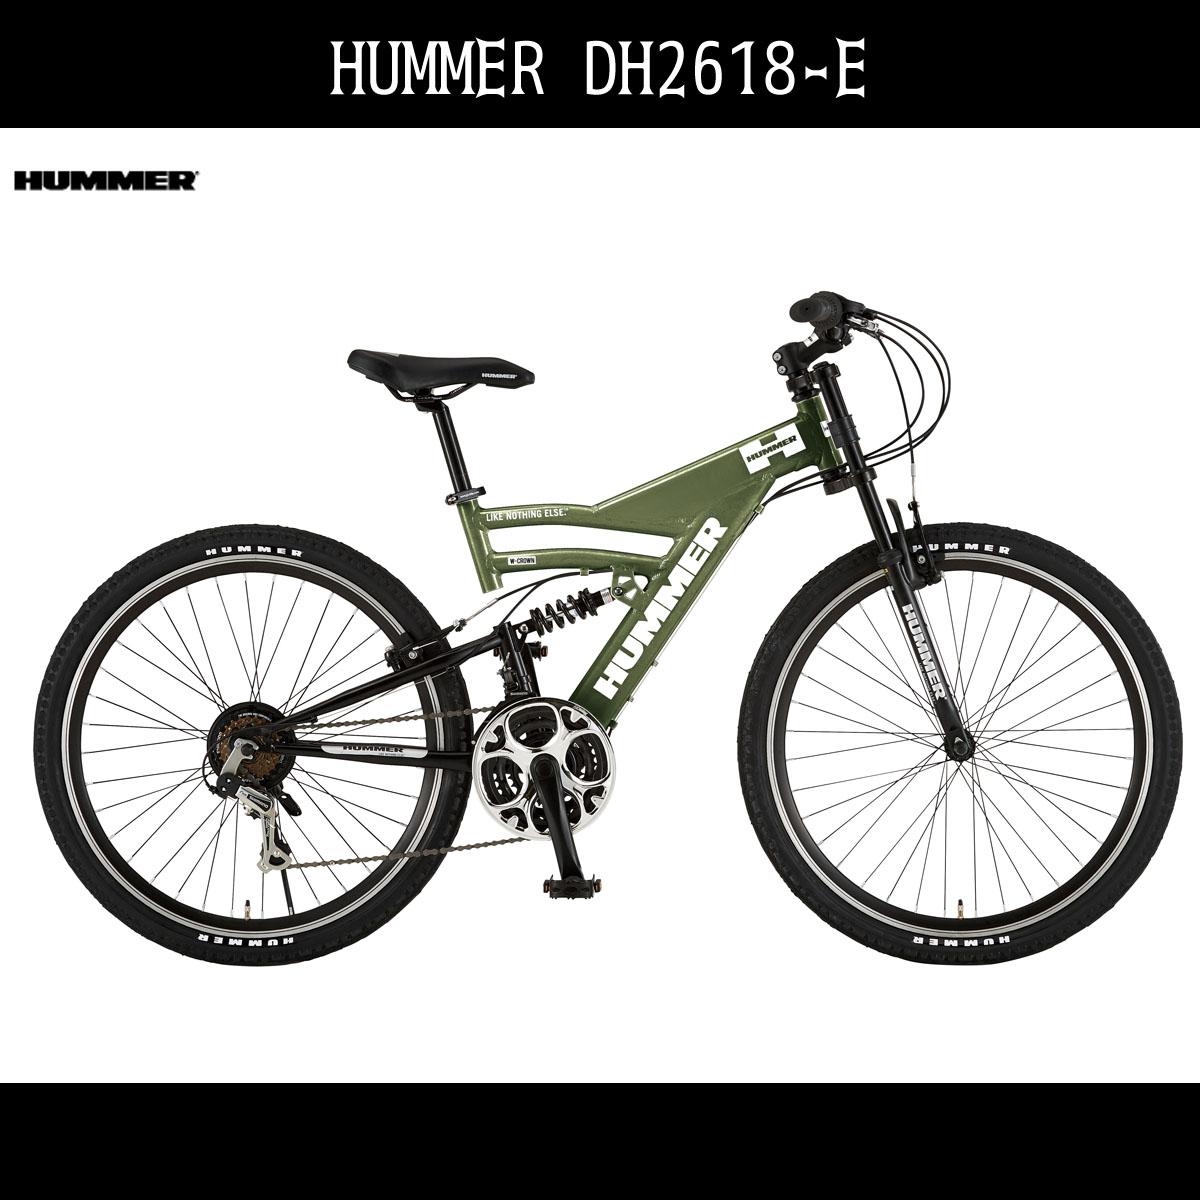 【割引クーポン配布中】マウンテンバイク ハマー HUMMER 自転車 グリーン 緑26インチ 自転車 外装18段変速ギア アルミニウム MTB マウンテンバイク ハマー 自転車 DH2618-E アルミニウム ギア付 通販 おしゃれ